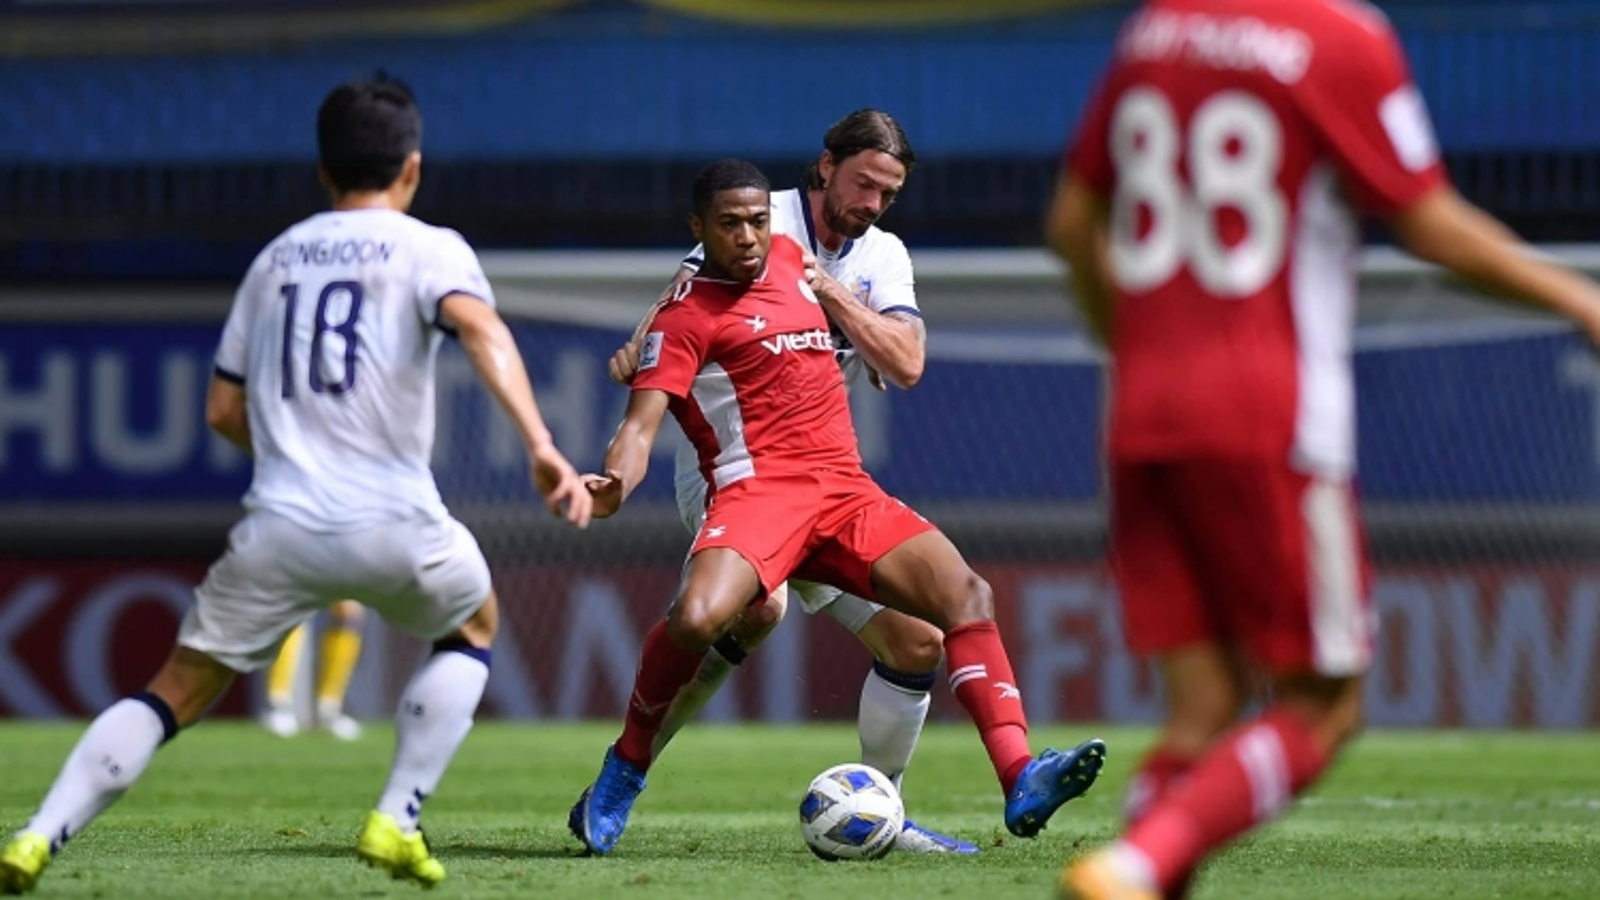 Quế Ngọc Hải và Trọng Hoàng trở lại, Viettel thiếu ngoại binh khi đấu Kaya FC